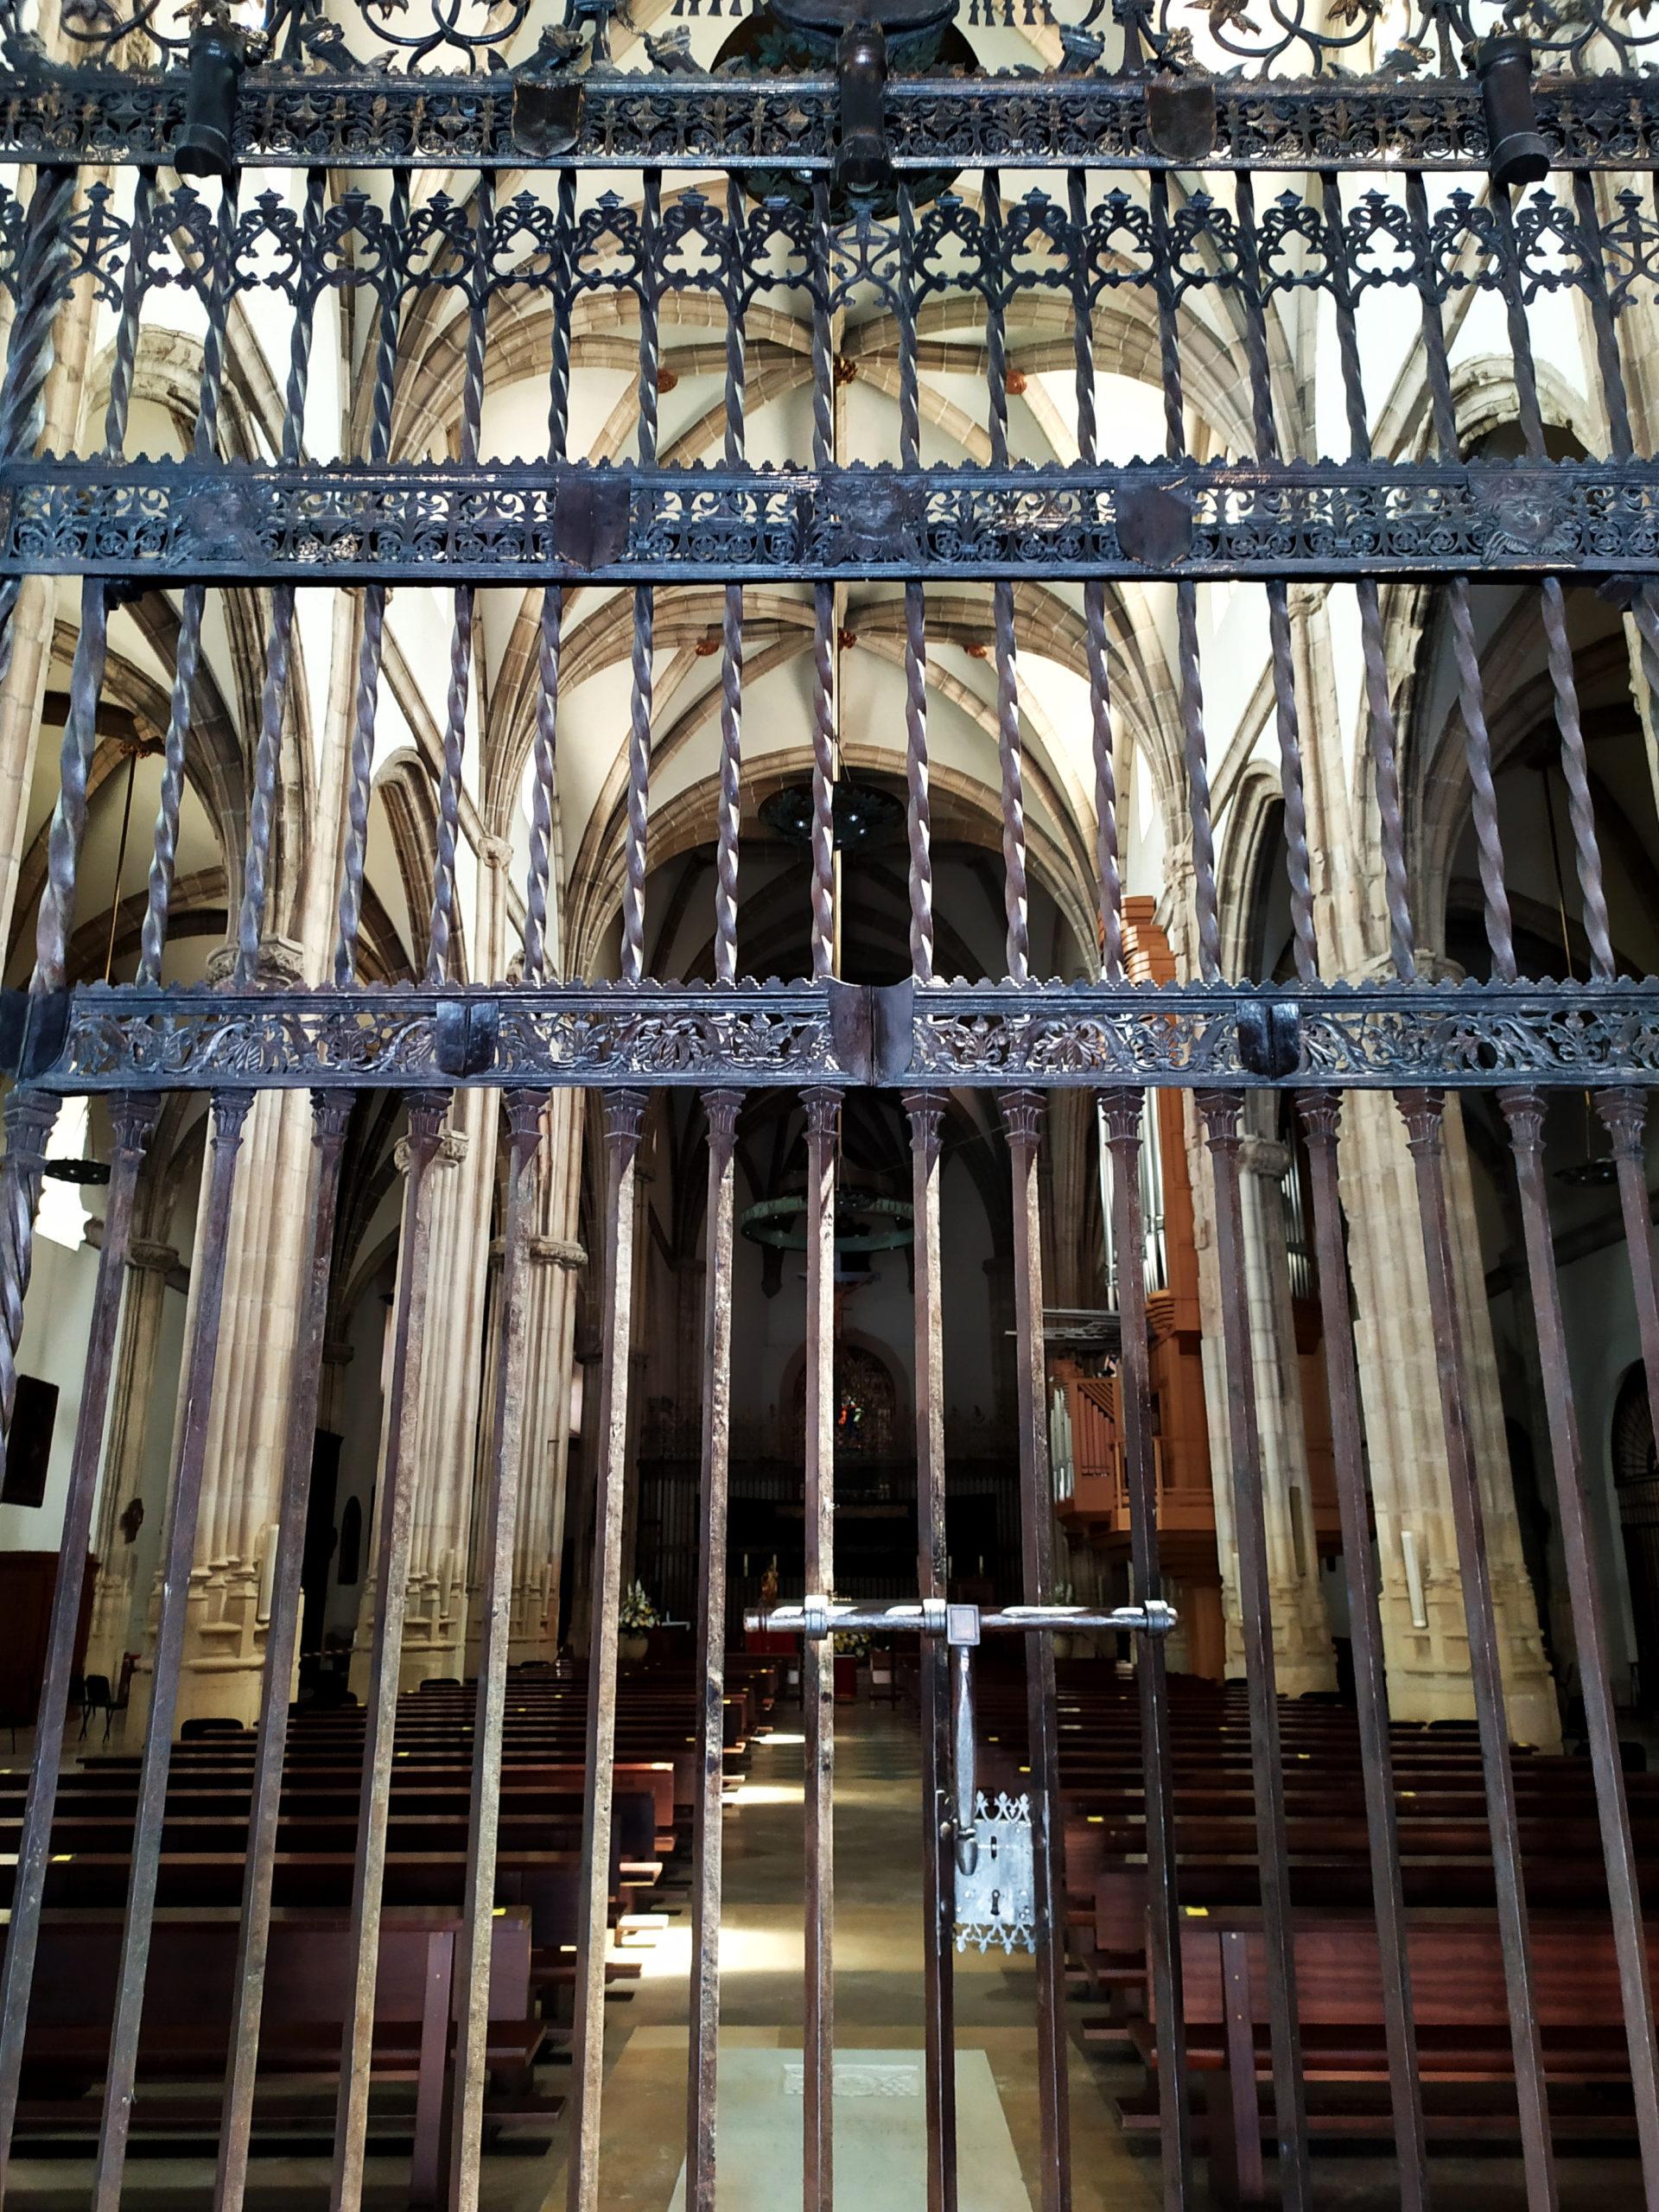 Algunas rejas de la Catedral Magistral de Alcalá de Henares